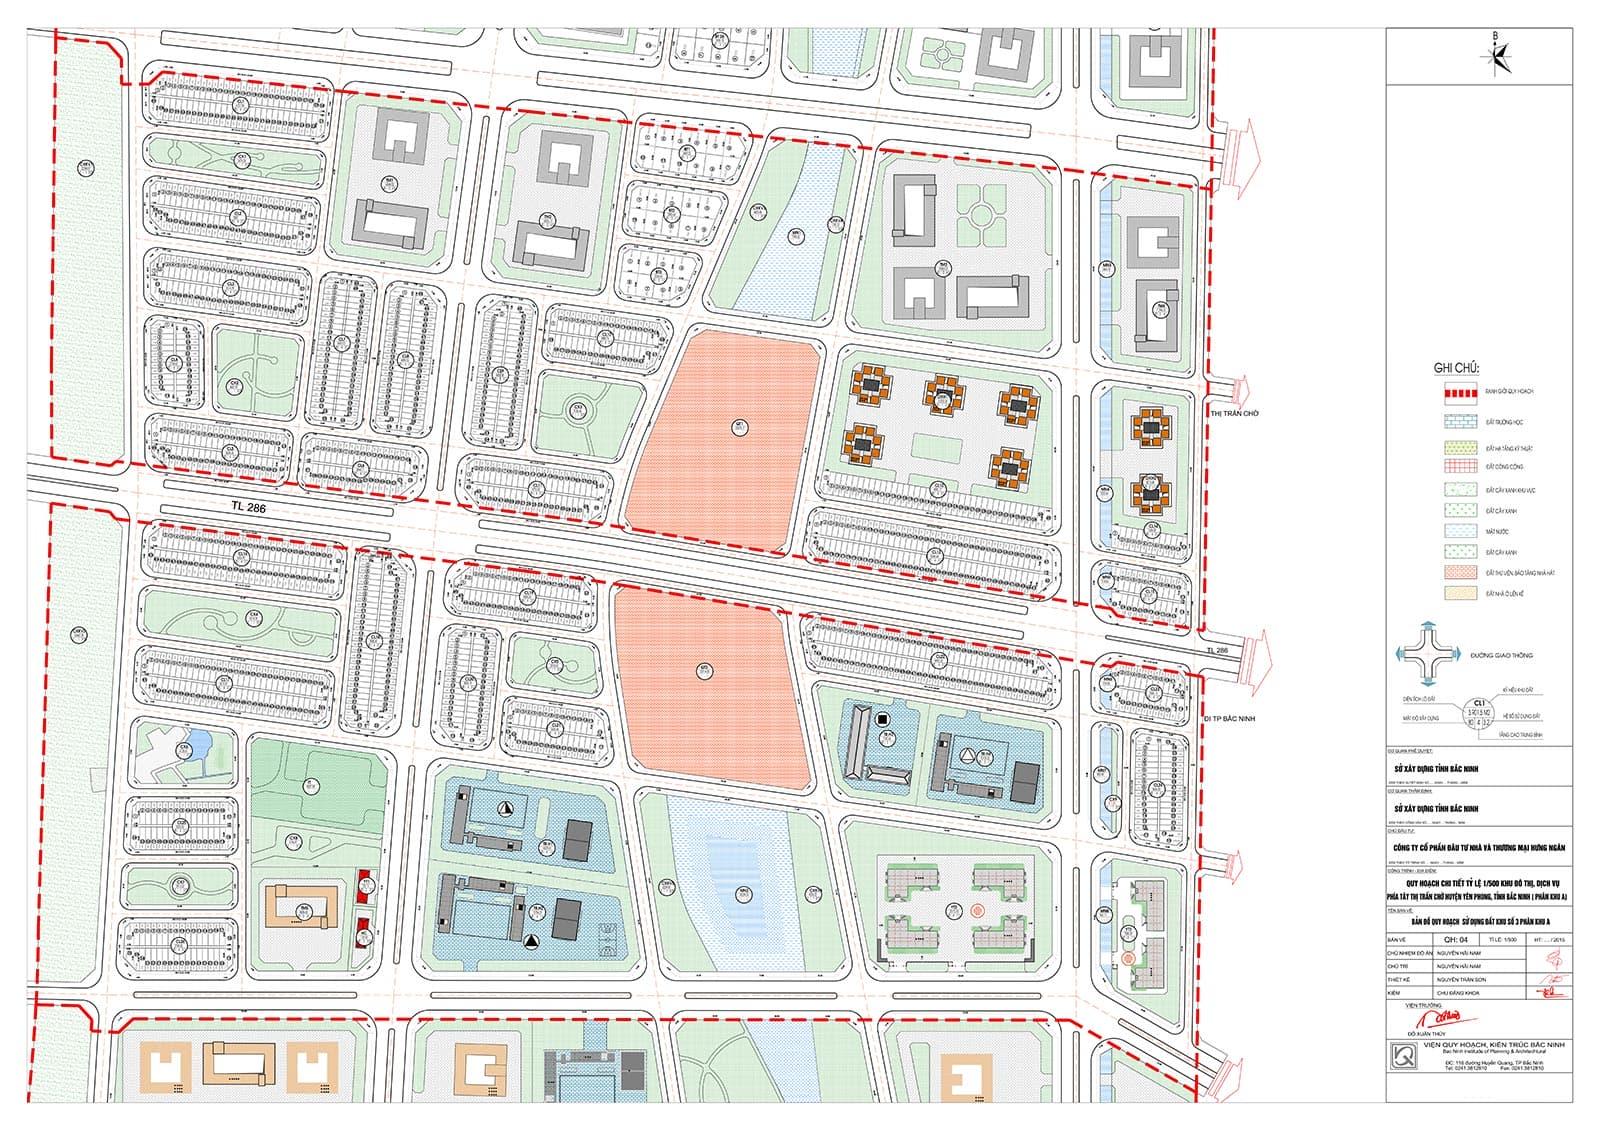 Bản đồ chia lô tỉ lệ 1/500 tiểu khu 3 - Đô thị Kim Đô